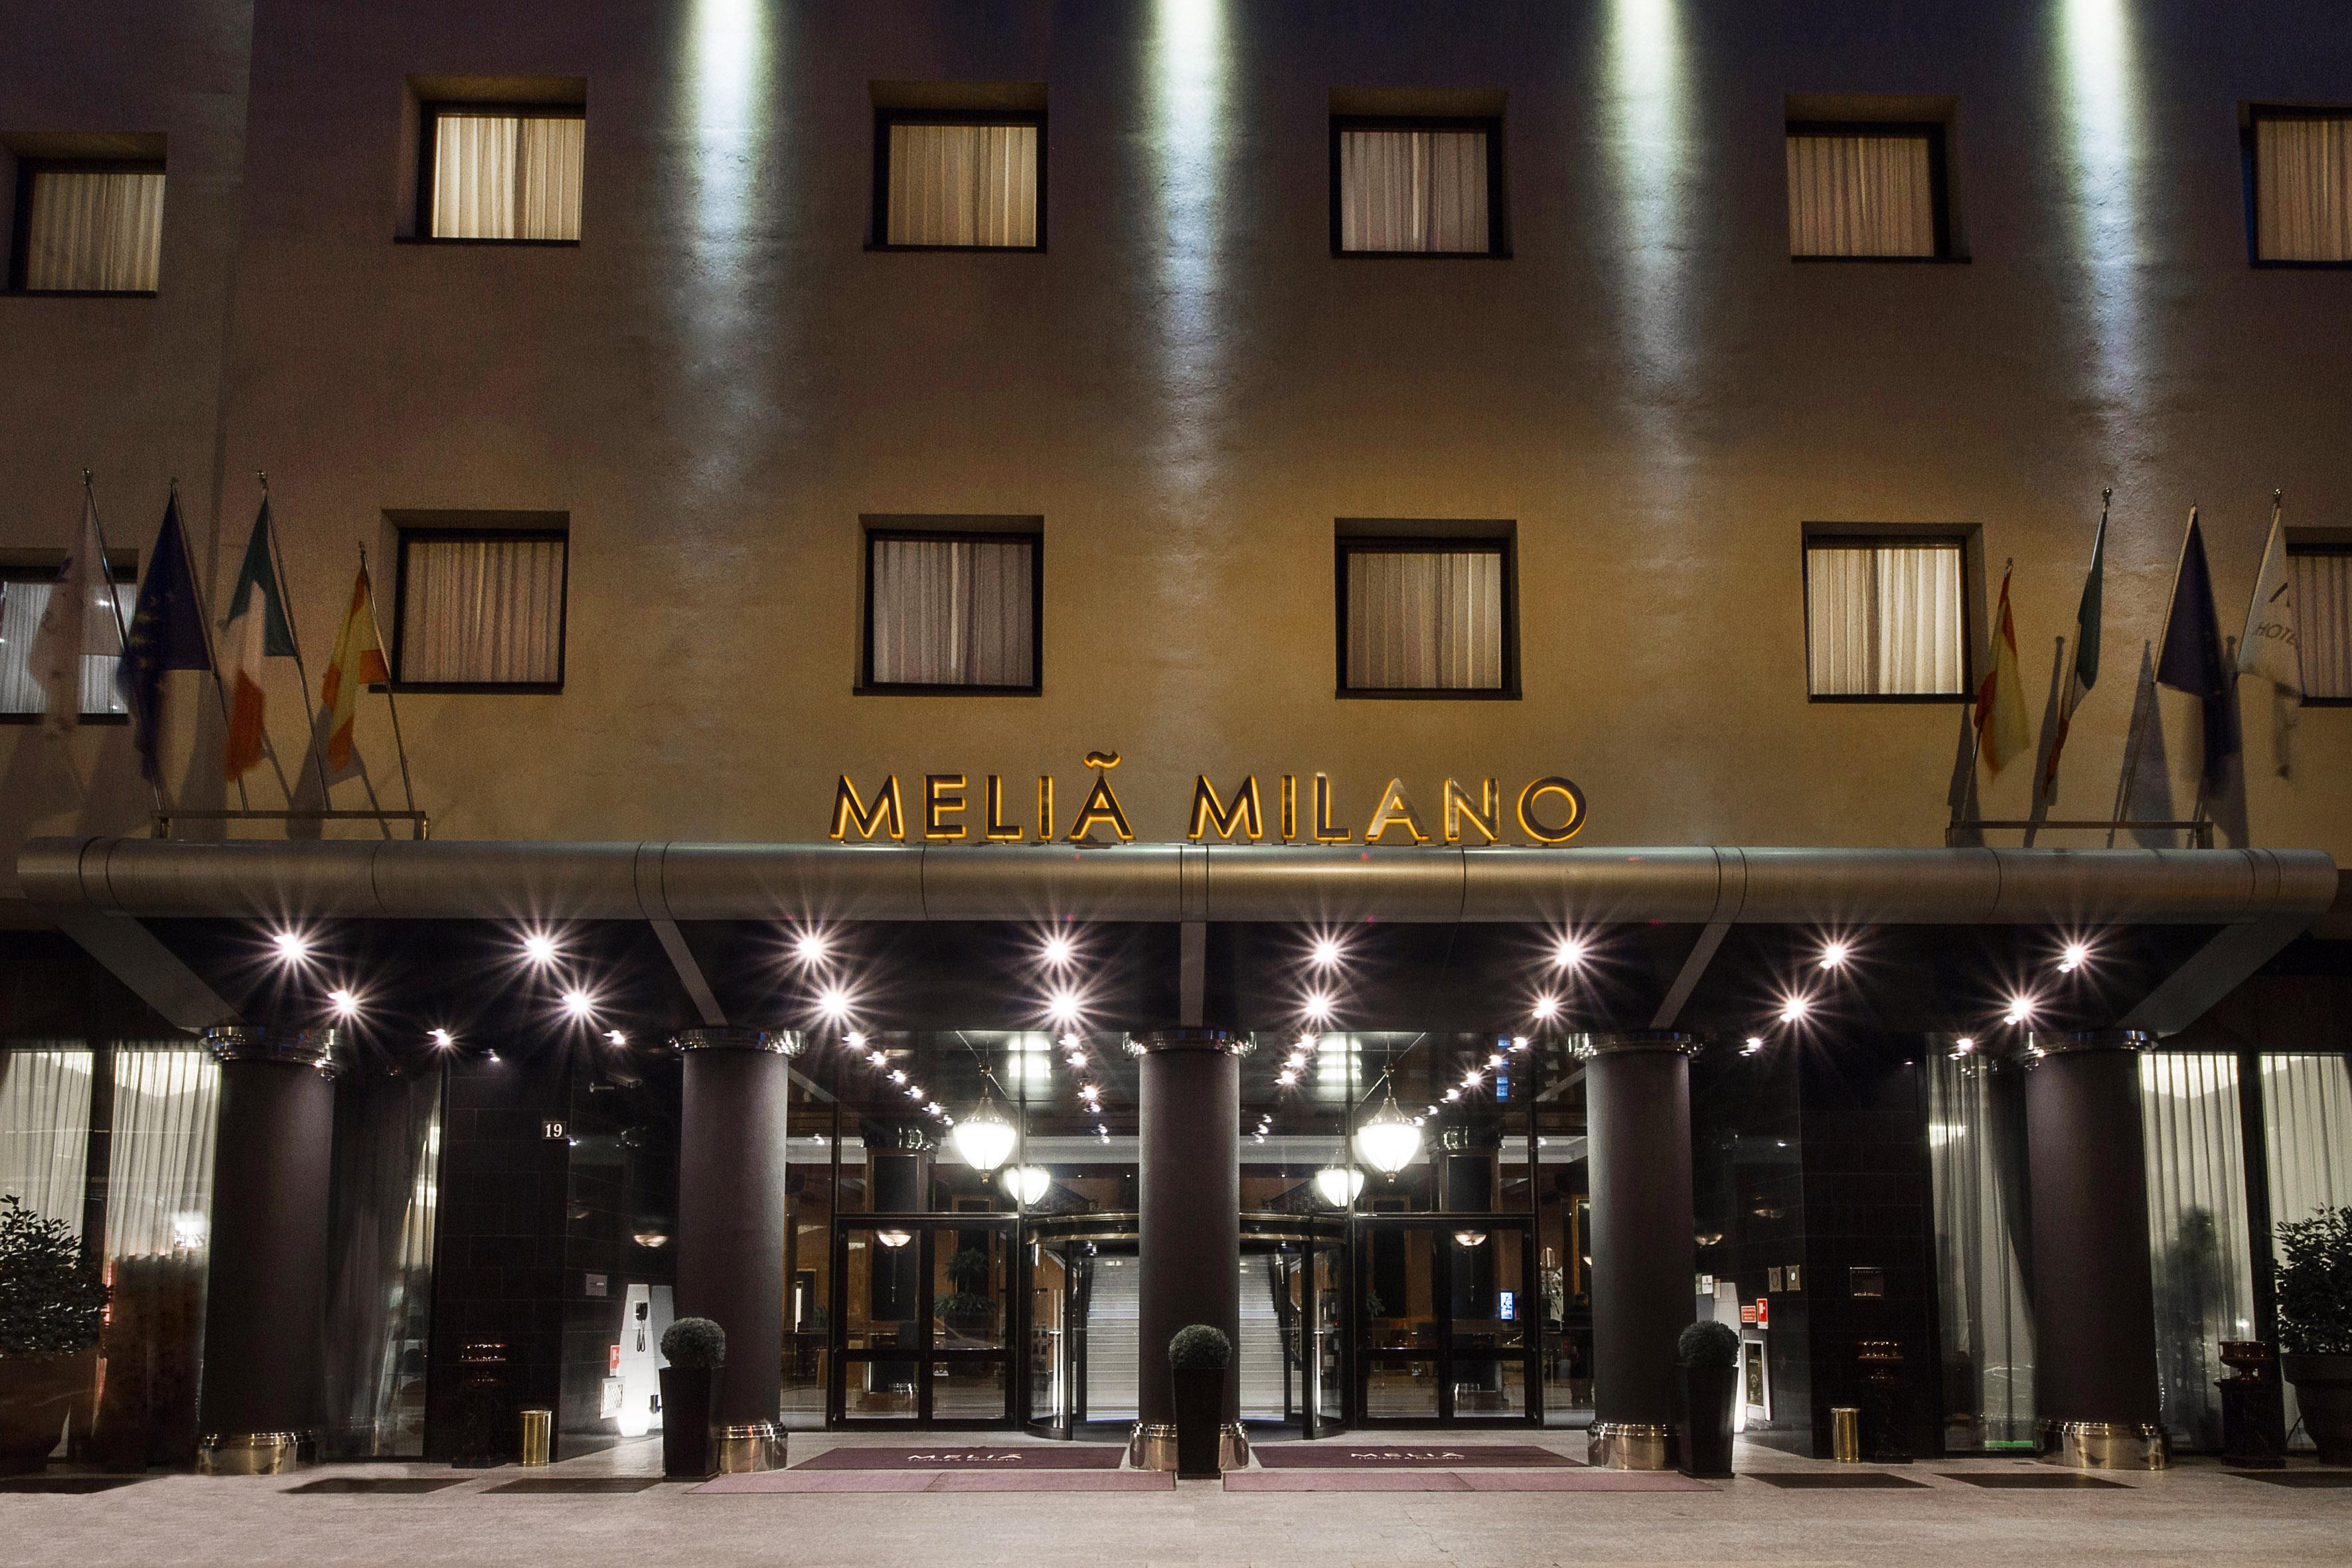 Hotel Melia Milano Milan Italy